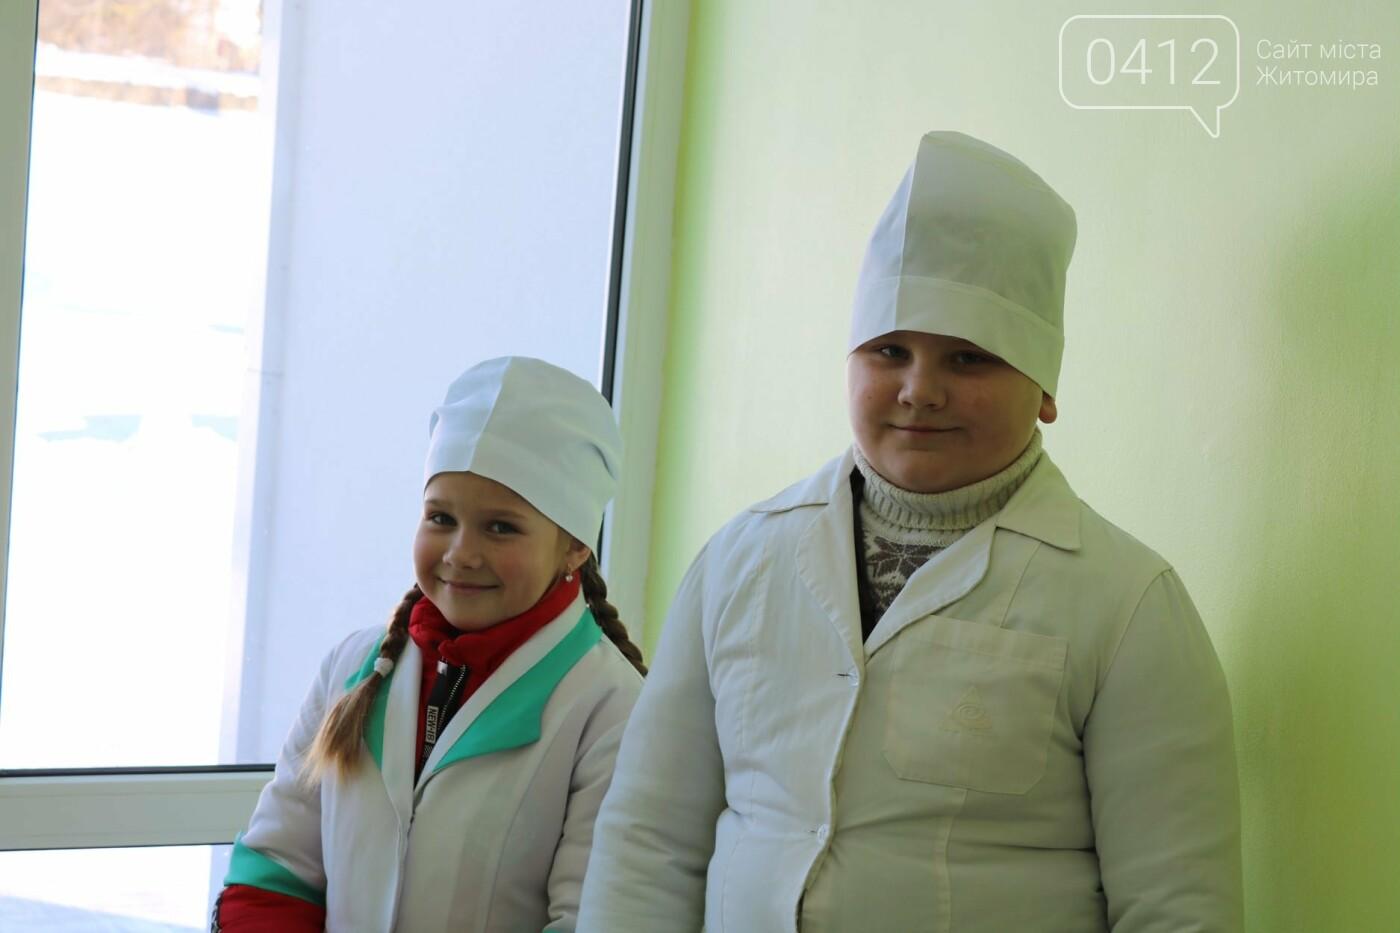 Відкриття нової амбулаторії — подія, на яку 5-тисяна громада на Житомирщині чекала декілька років. ФОТО, фото-4